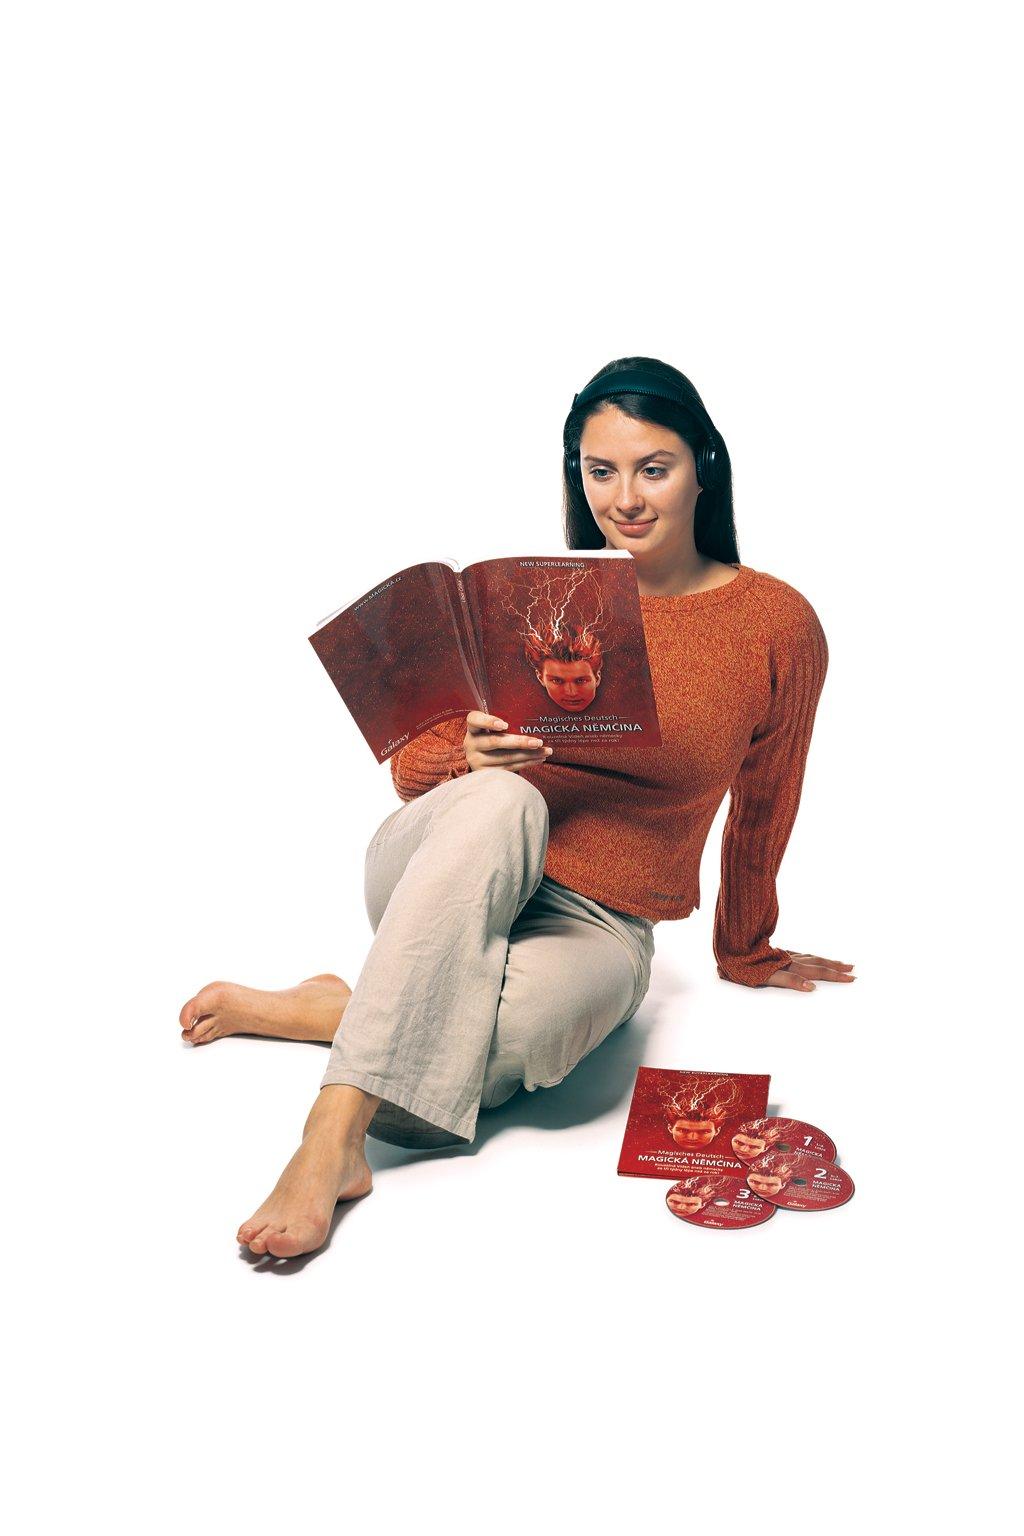 Němčina Vanda sedici s knihou (1)